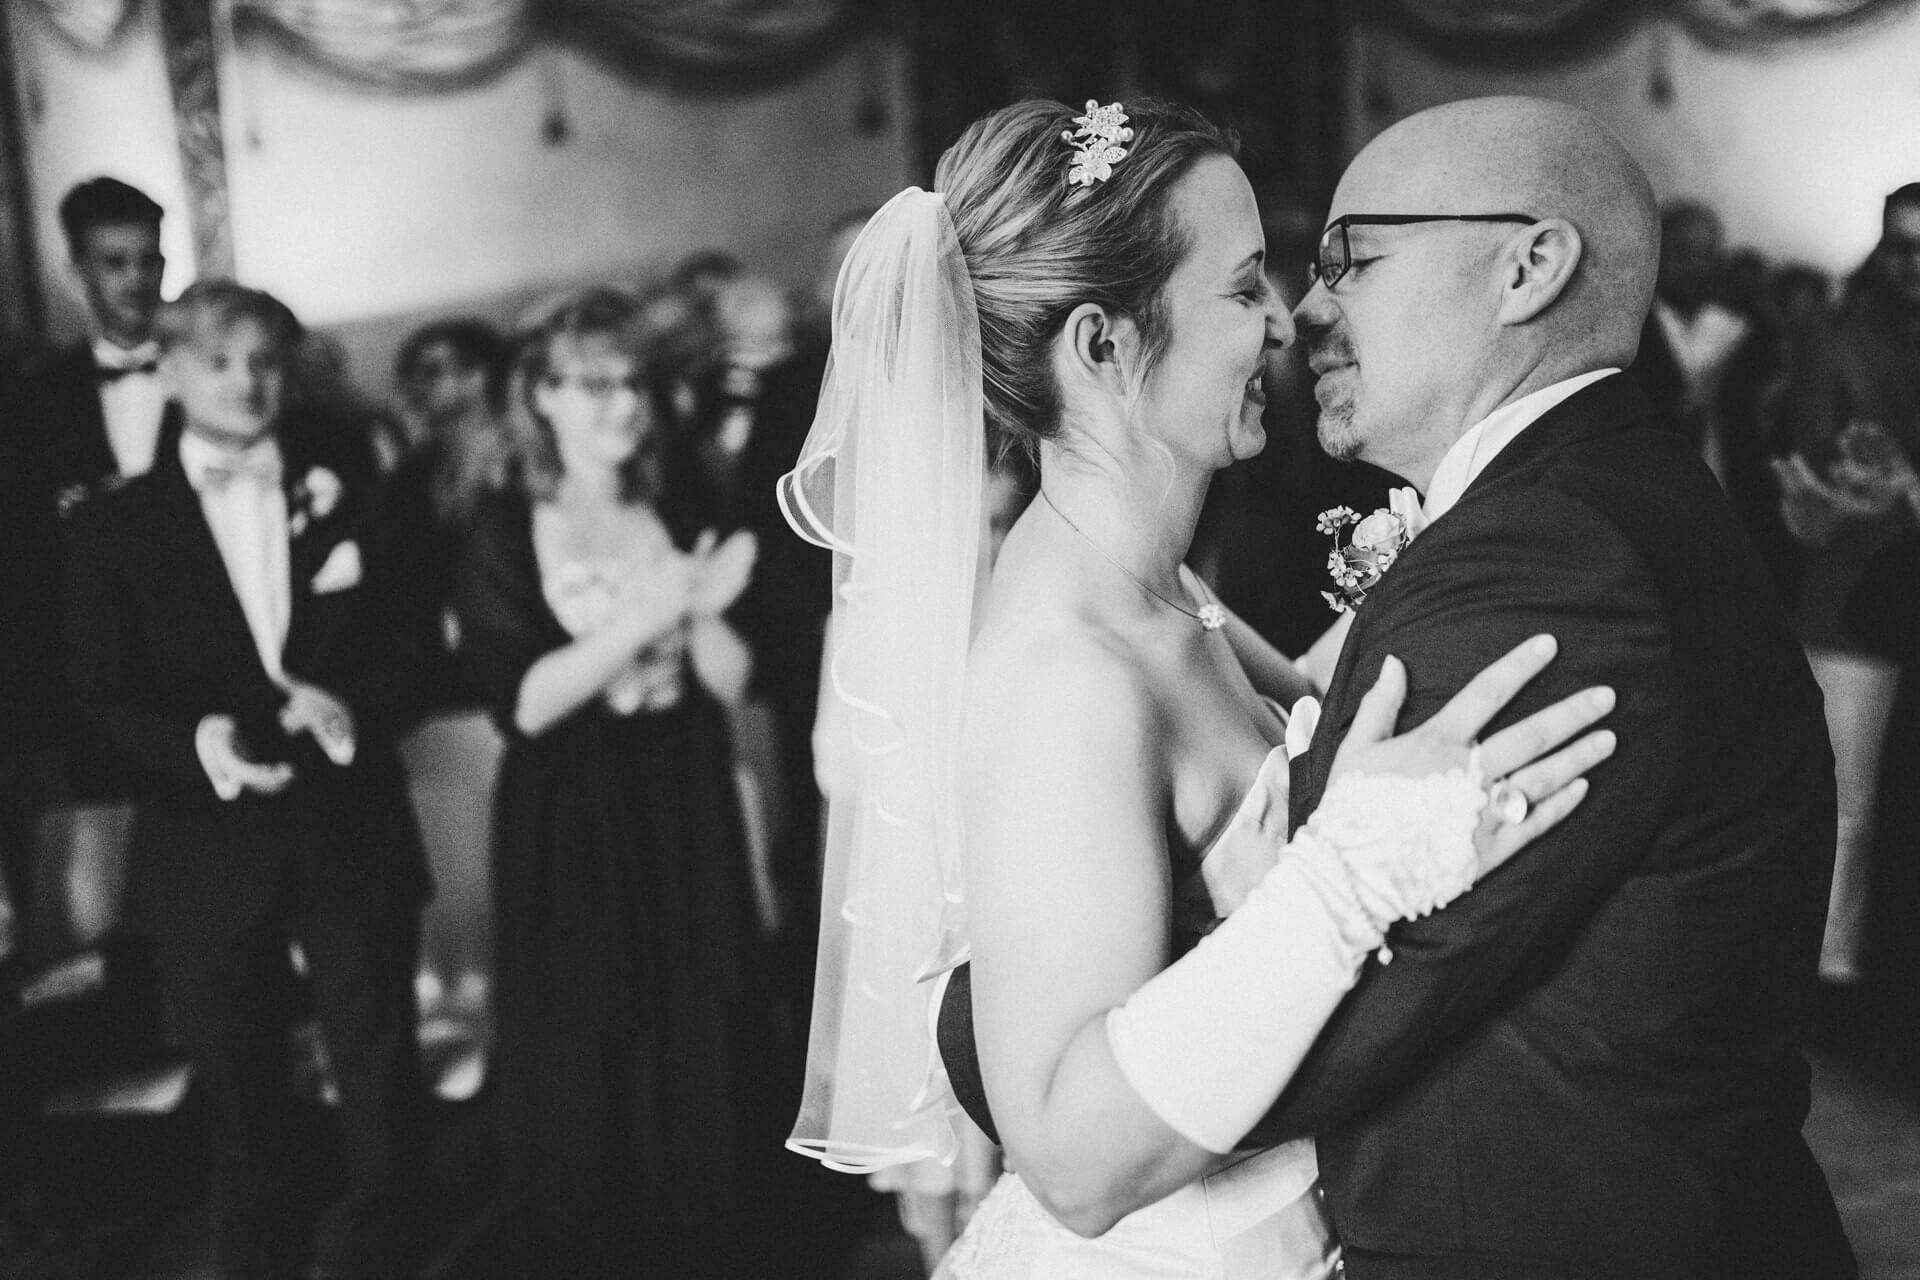 Hochzeitsfotograf Hofgut Friedelhausen - Trau-Zeremonie im alten Rittersaal - Emotionale Hochzeitsreportagen